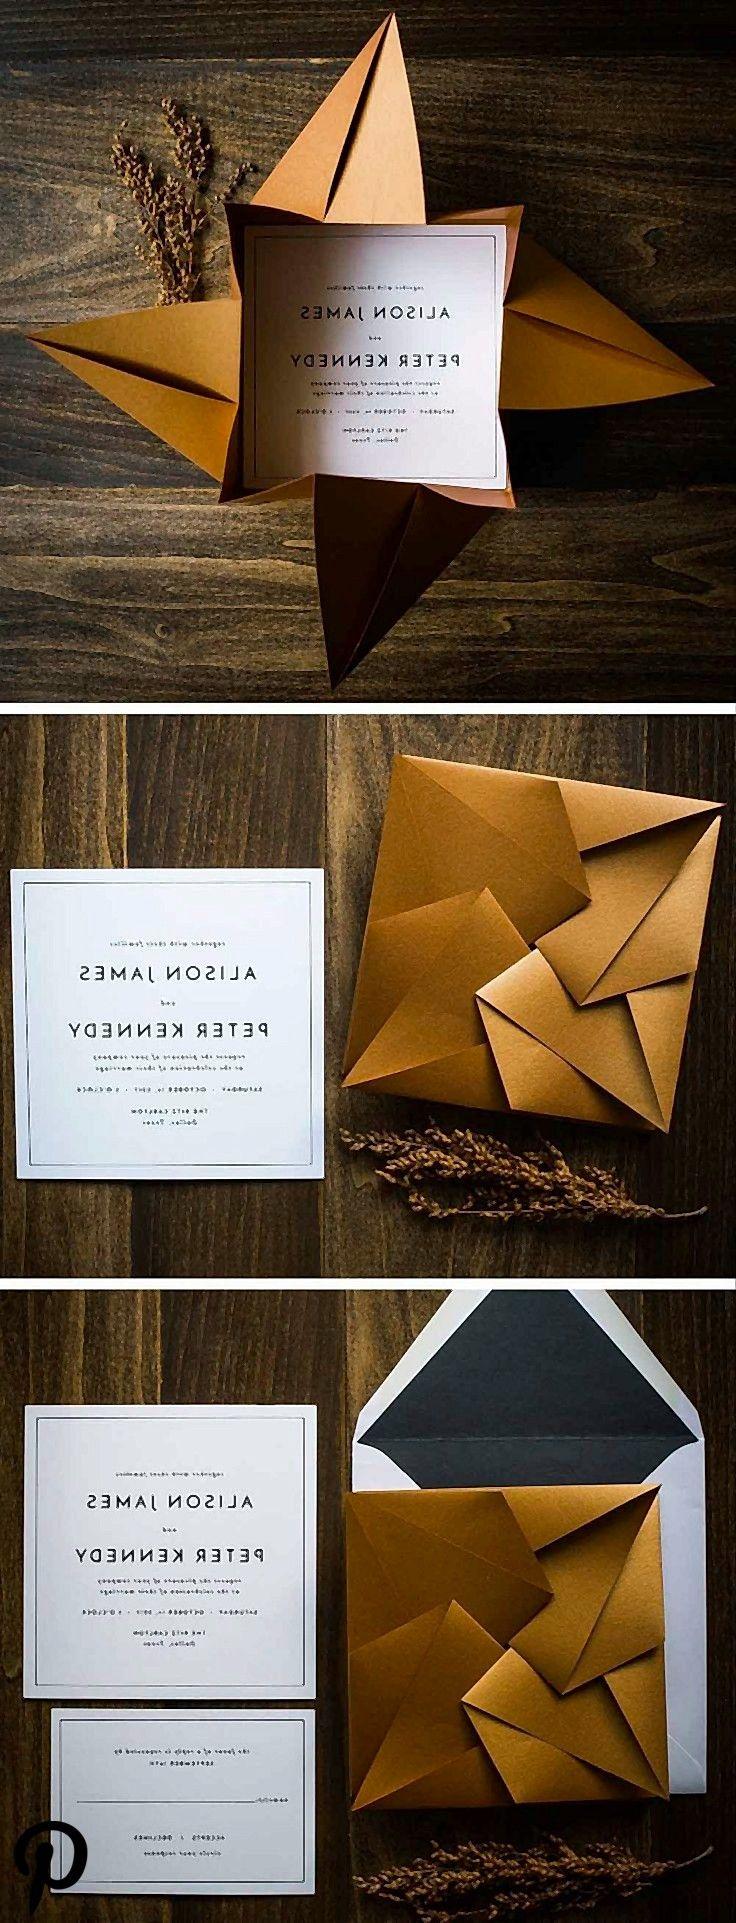 Willst du Hochzeitseinladungen die total originell sind Wenn ja werden Sie die Idee lieben Willst du Hochzeitseinladungen die total originell sind Wenn ja werden Sie die...